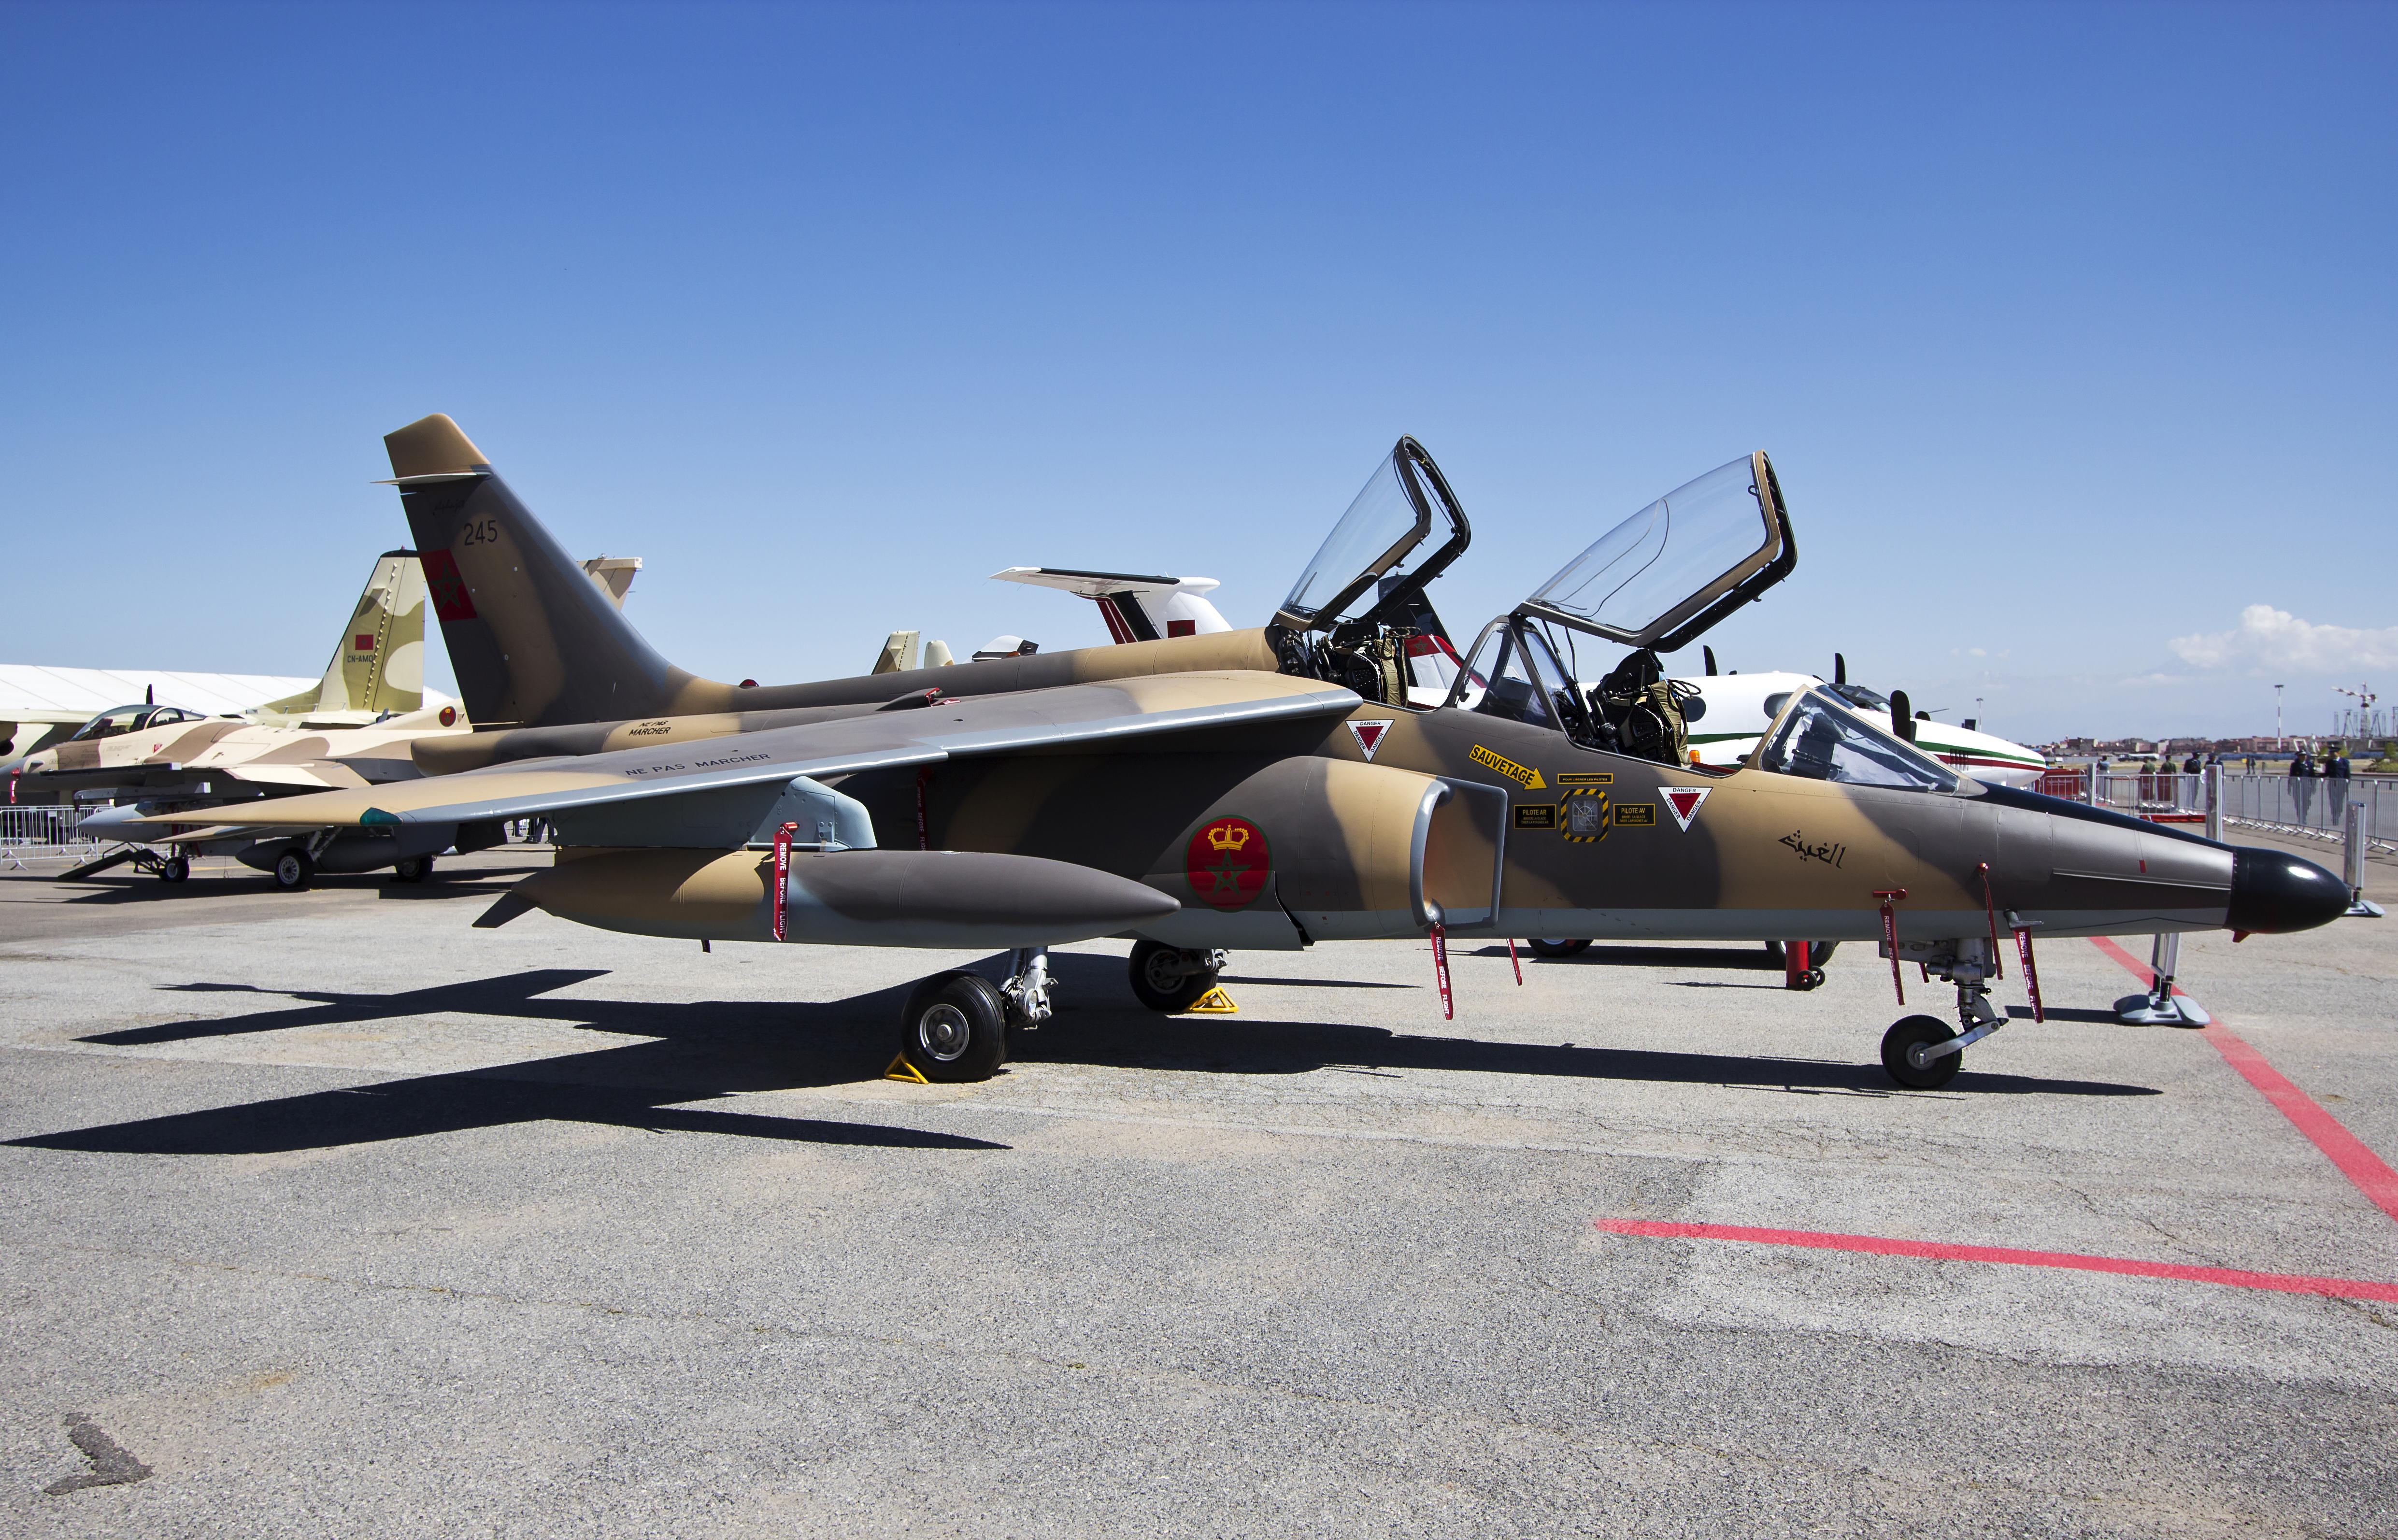 FRA: Photos avions d'entrainement et anti insurrection - Page 7 14152772463_1800d8b817_o